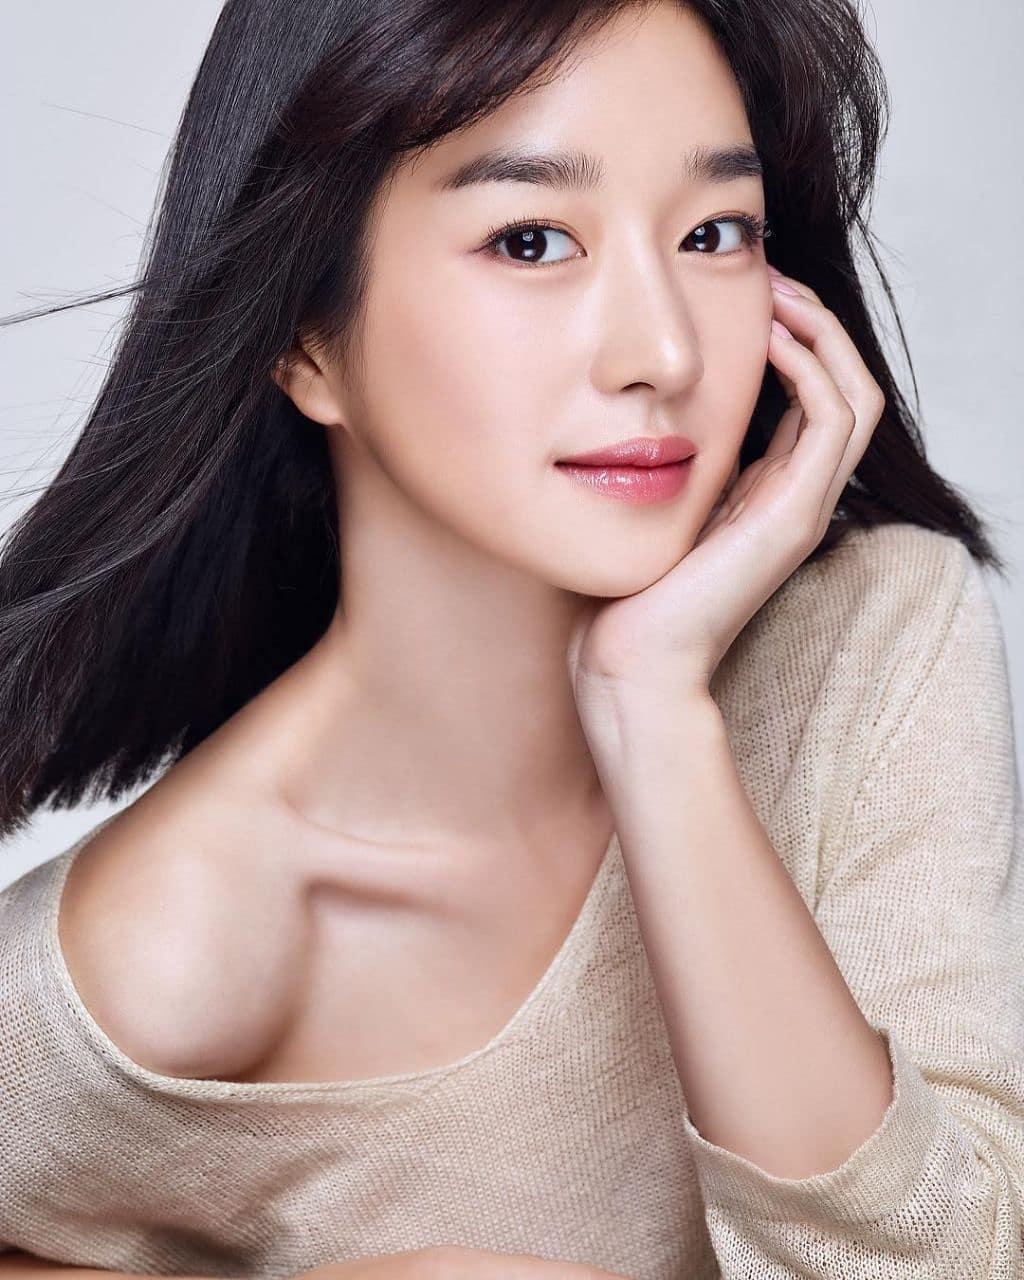 她们都30岁了?朴信惠、朴宝英,这些1990年出生的韩国女星,你都认识吗?插图8